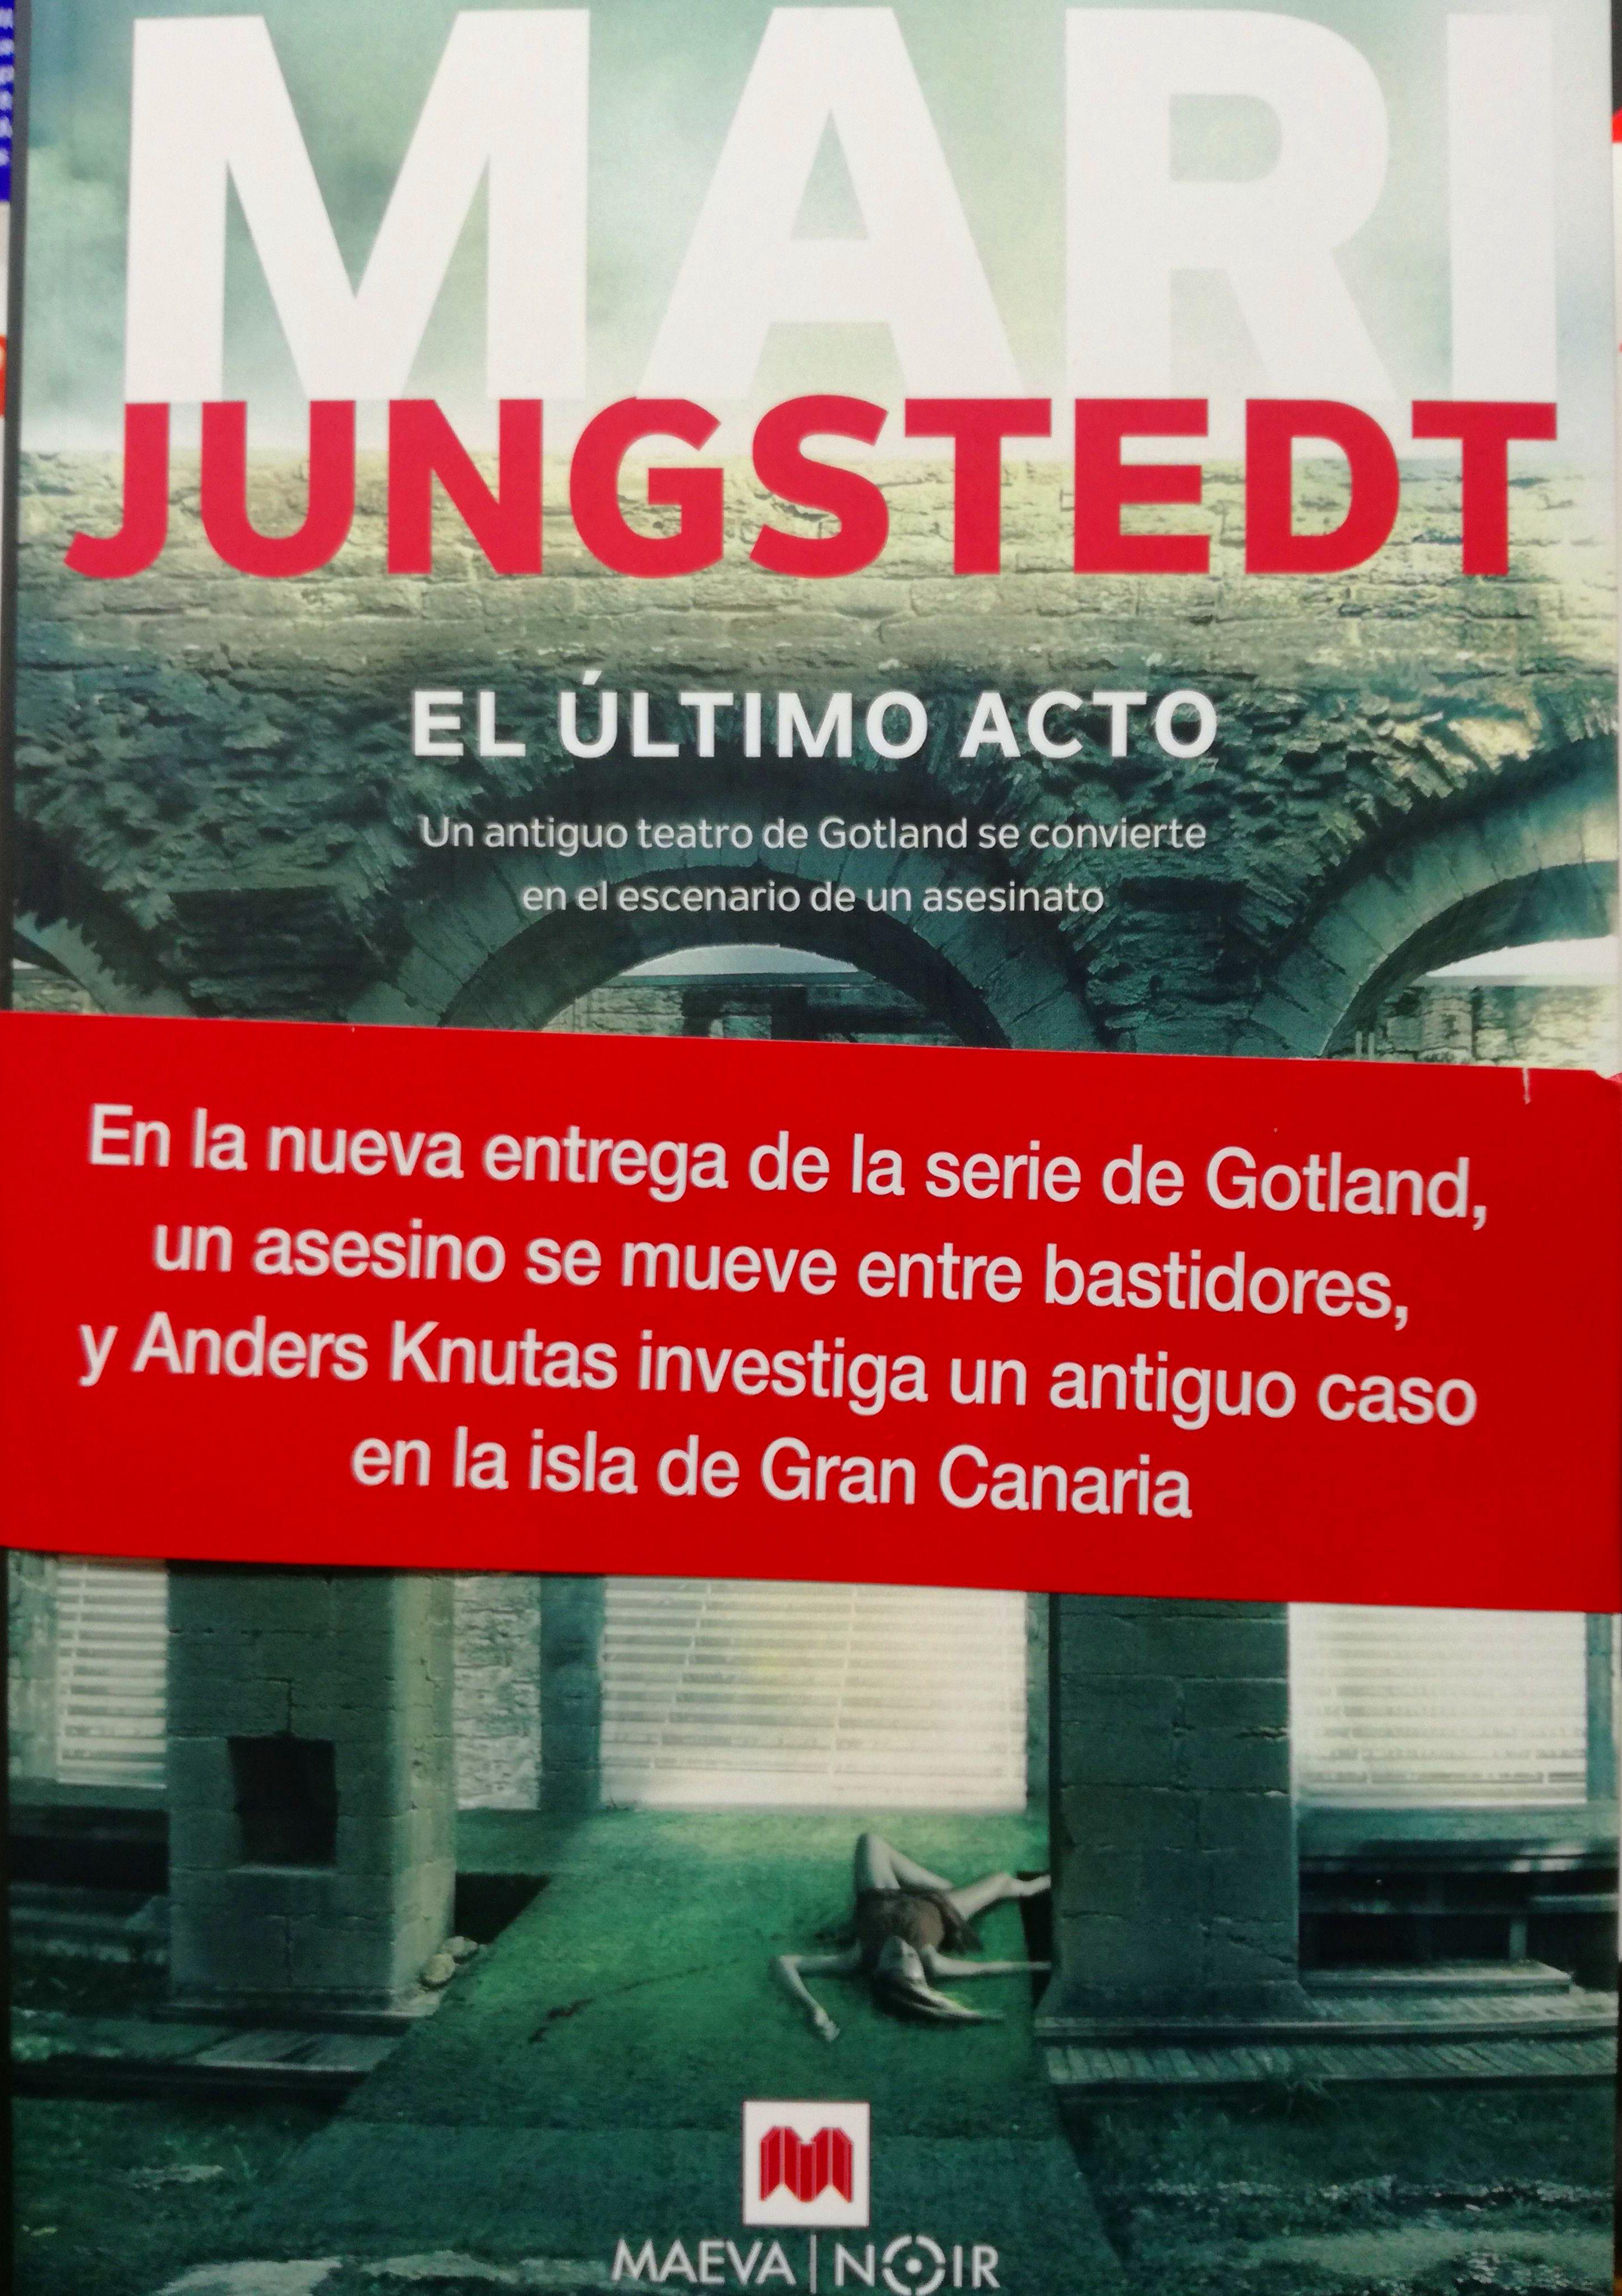 El último acto: SECCIONES de Librería Nueva Plaza Universitaria